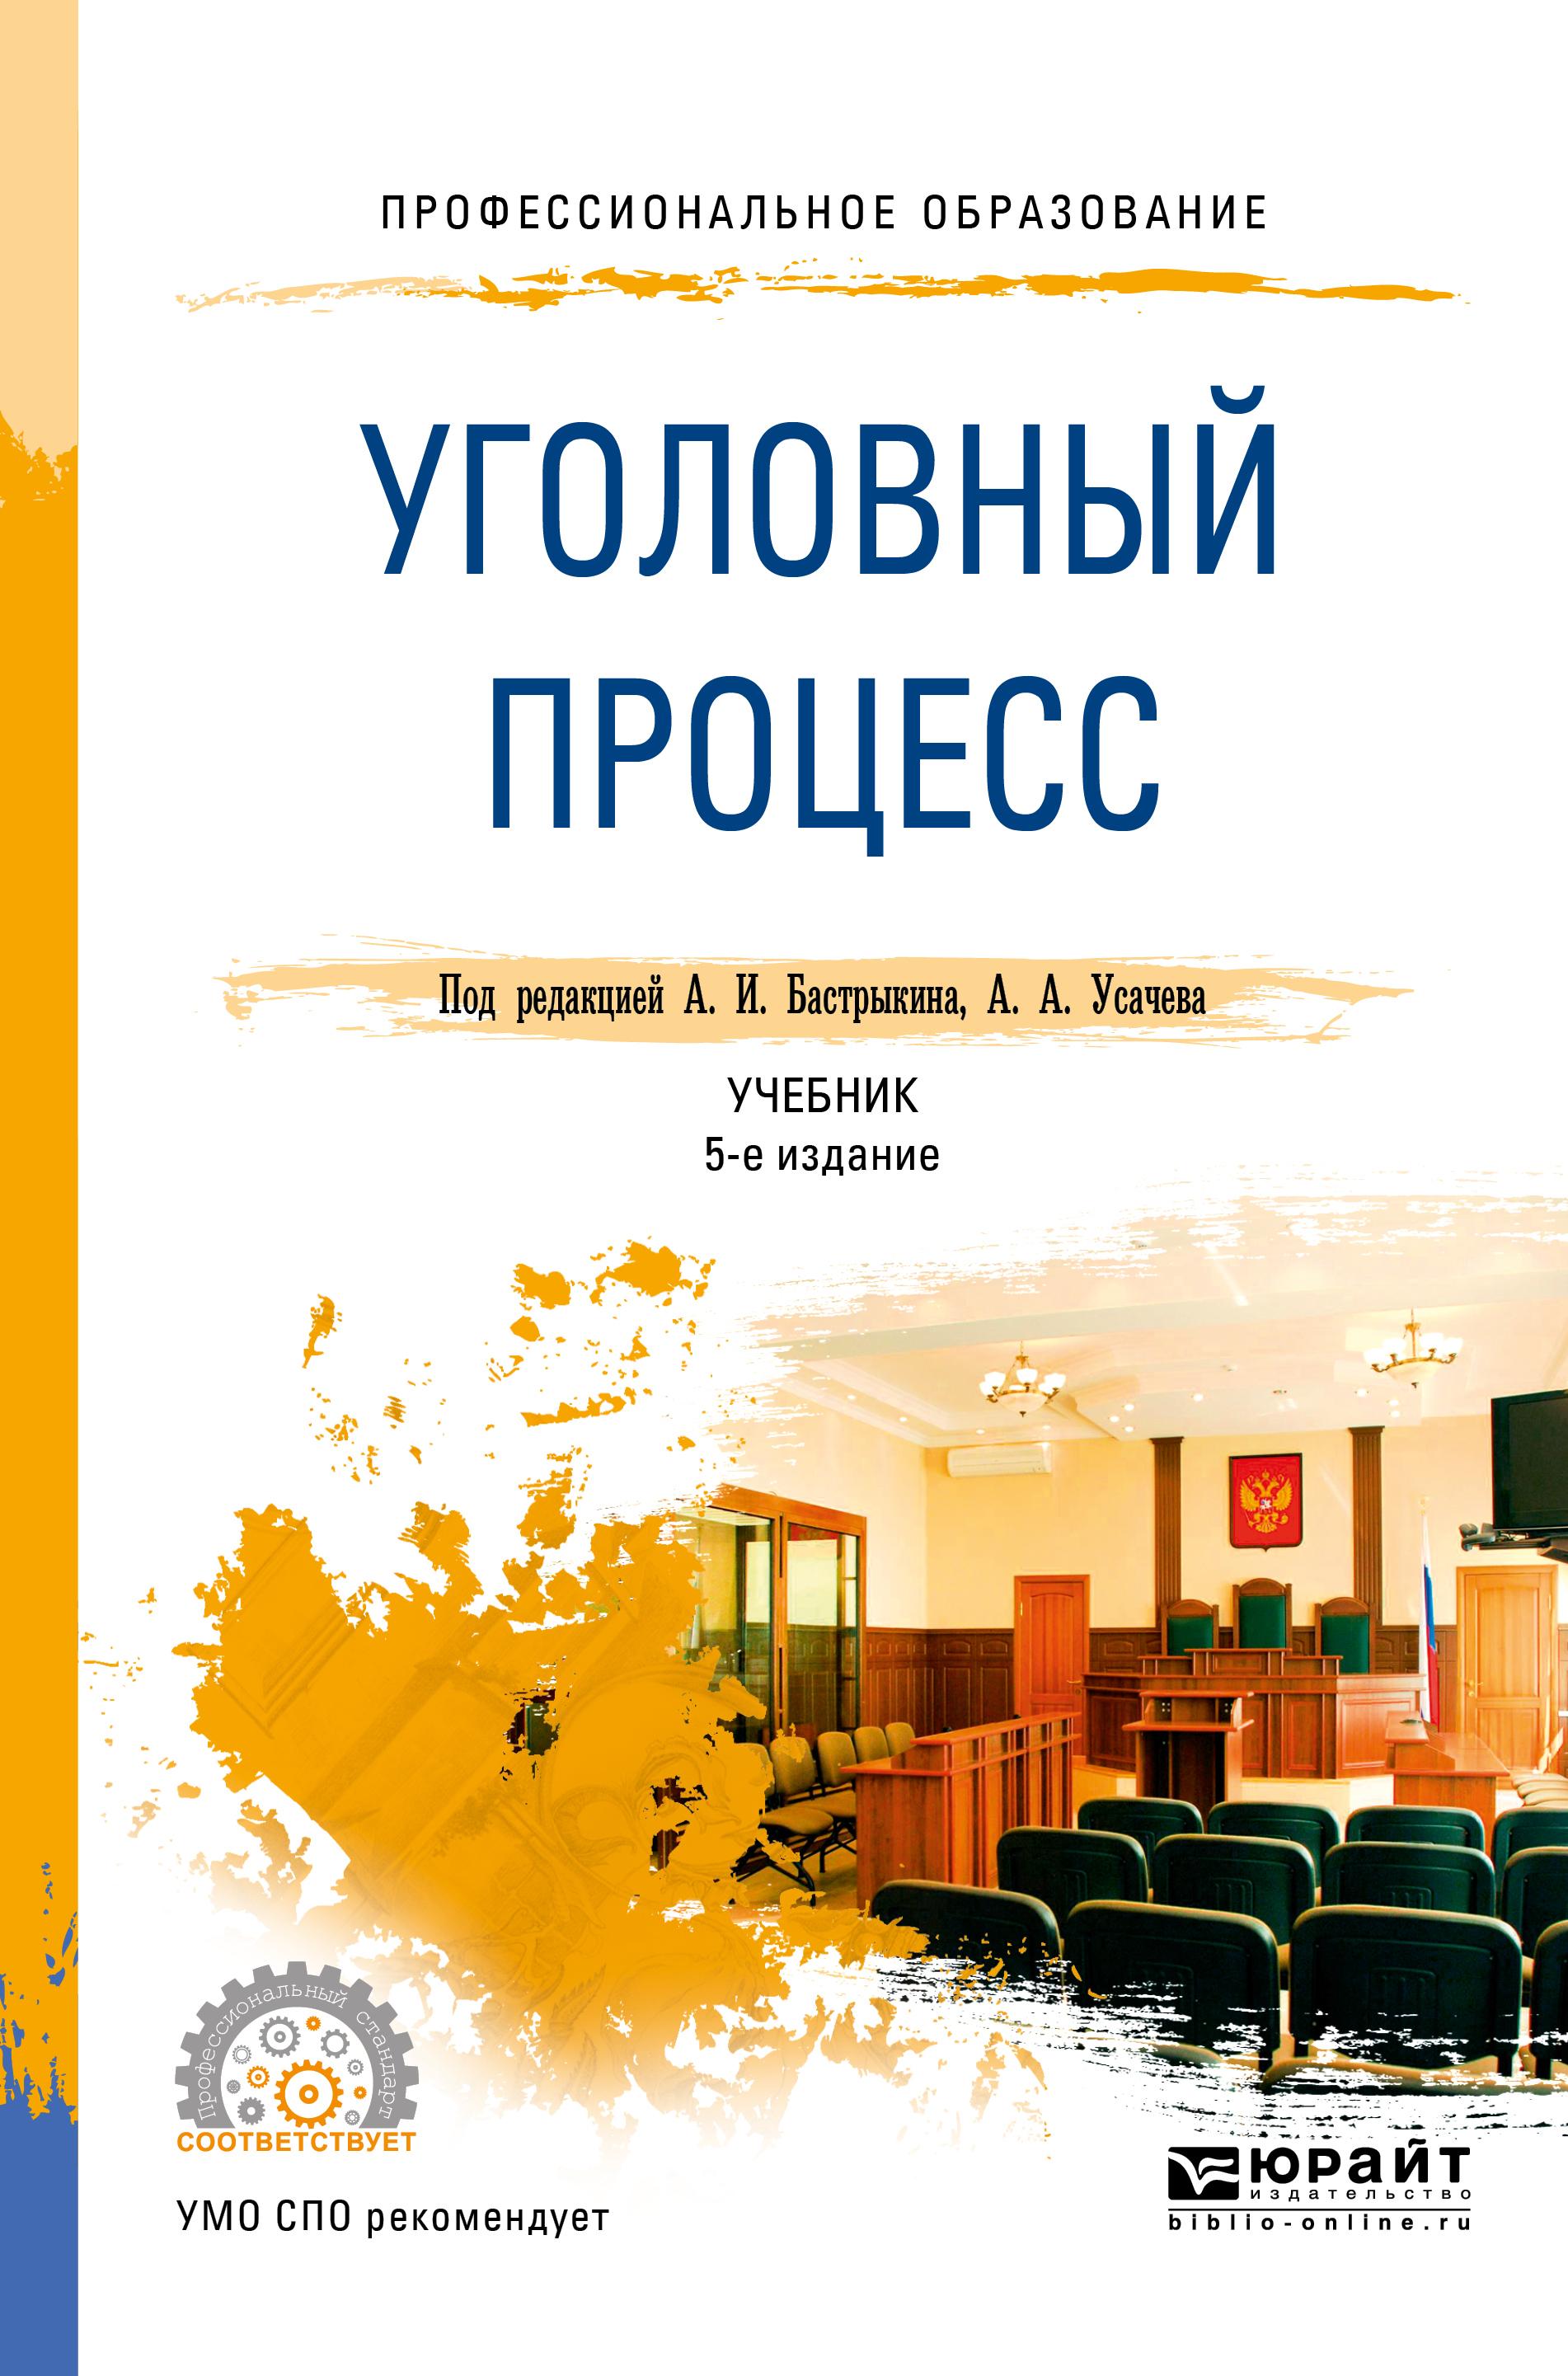 Уголовный процесс 5-е изд., пер. и доп. Учебник для СПО